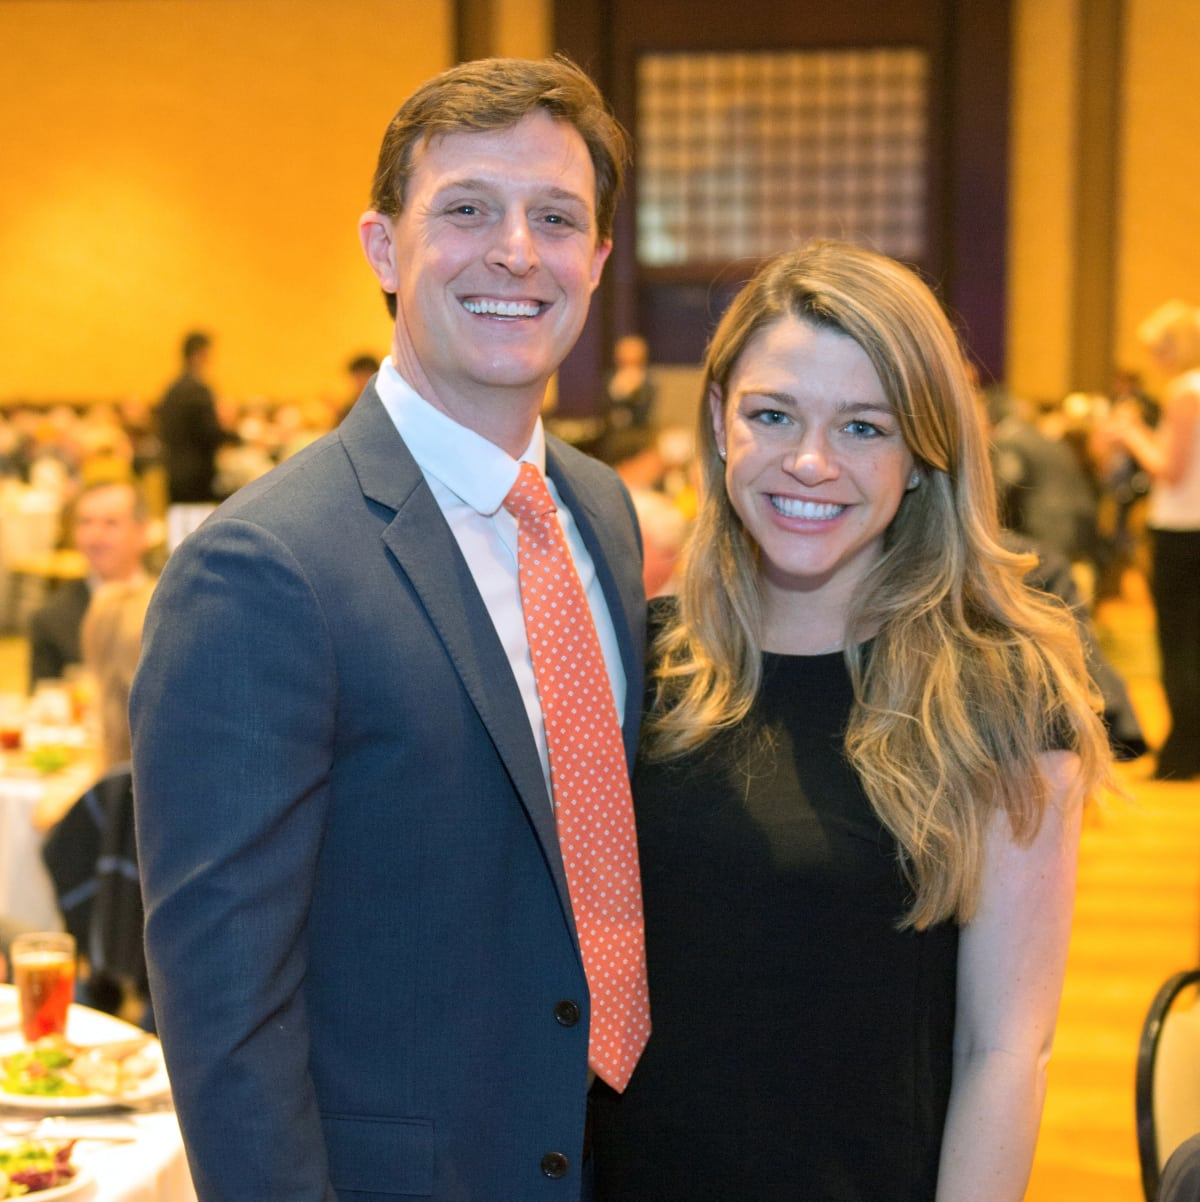 Houston, University of Texas at Austin Guardian of the Human Spirit Award Luncheon, November 2017, Kevin Kushner, Brittany Sakowitz-Kushner